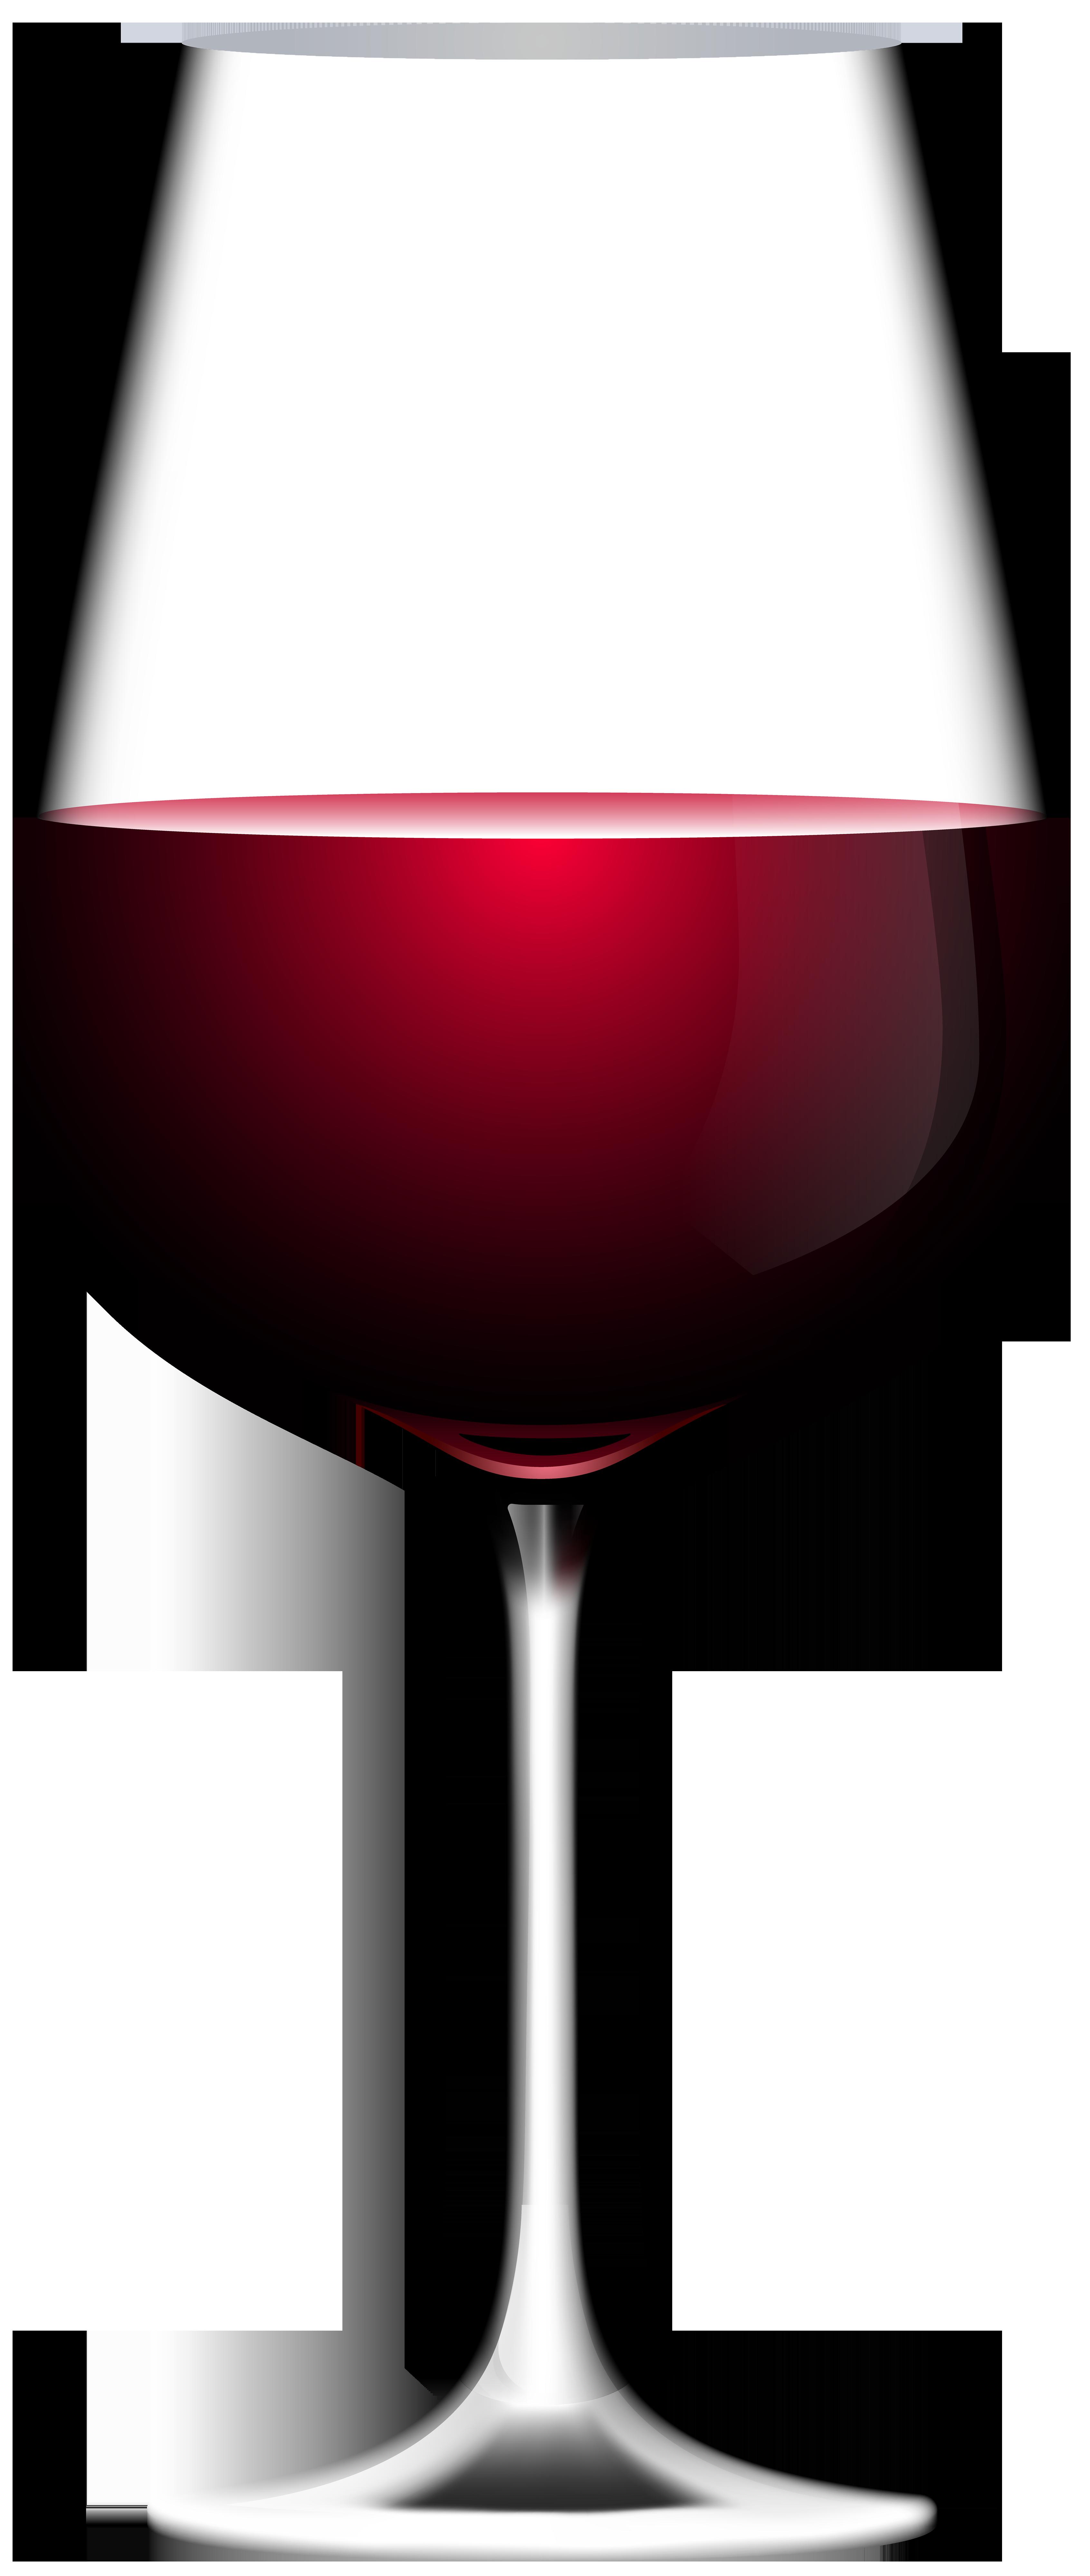 Red Wine Champagne Wine glass Clip art.